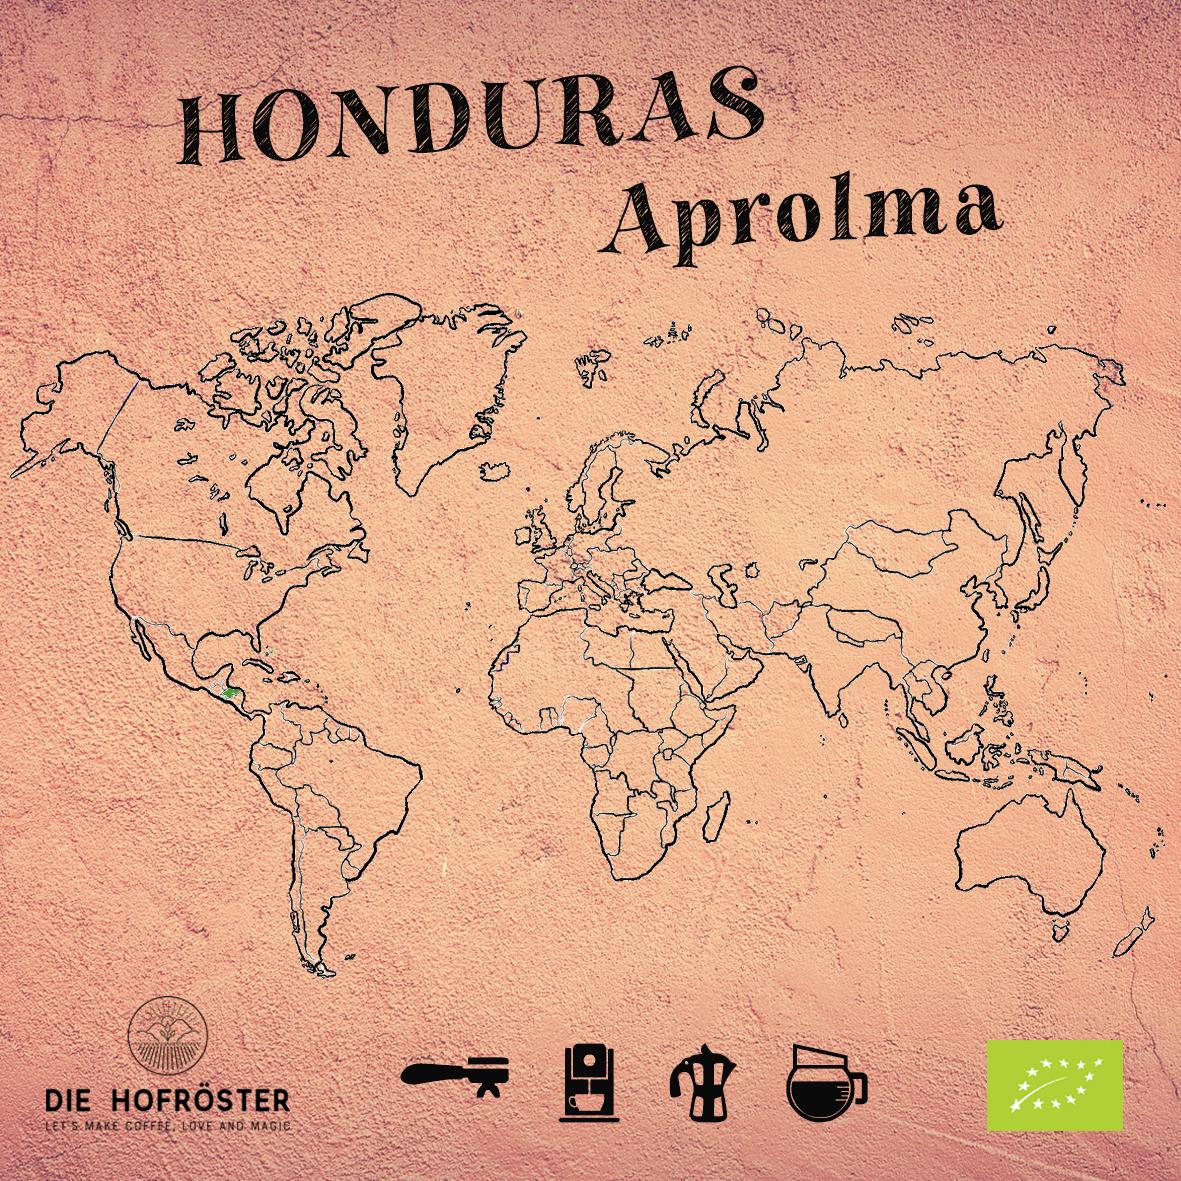 Honduras APROLMA